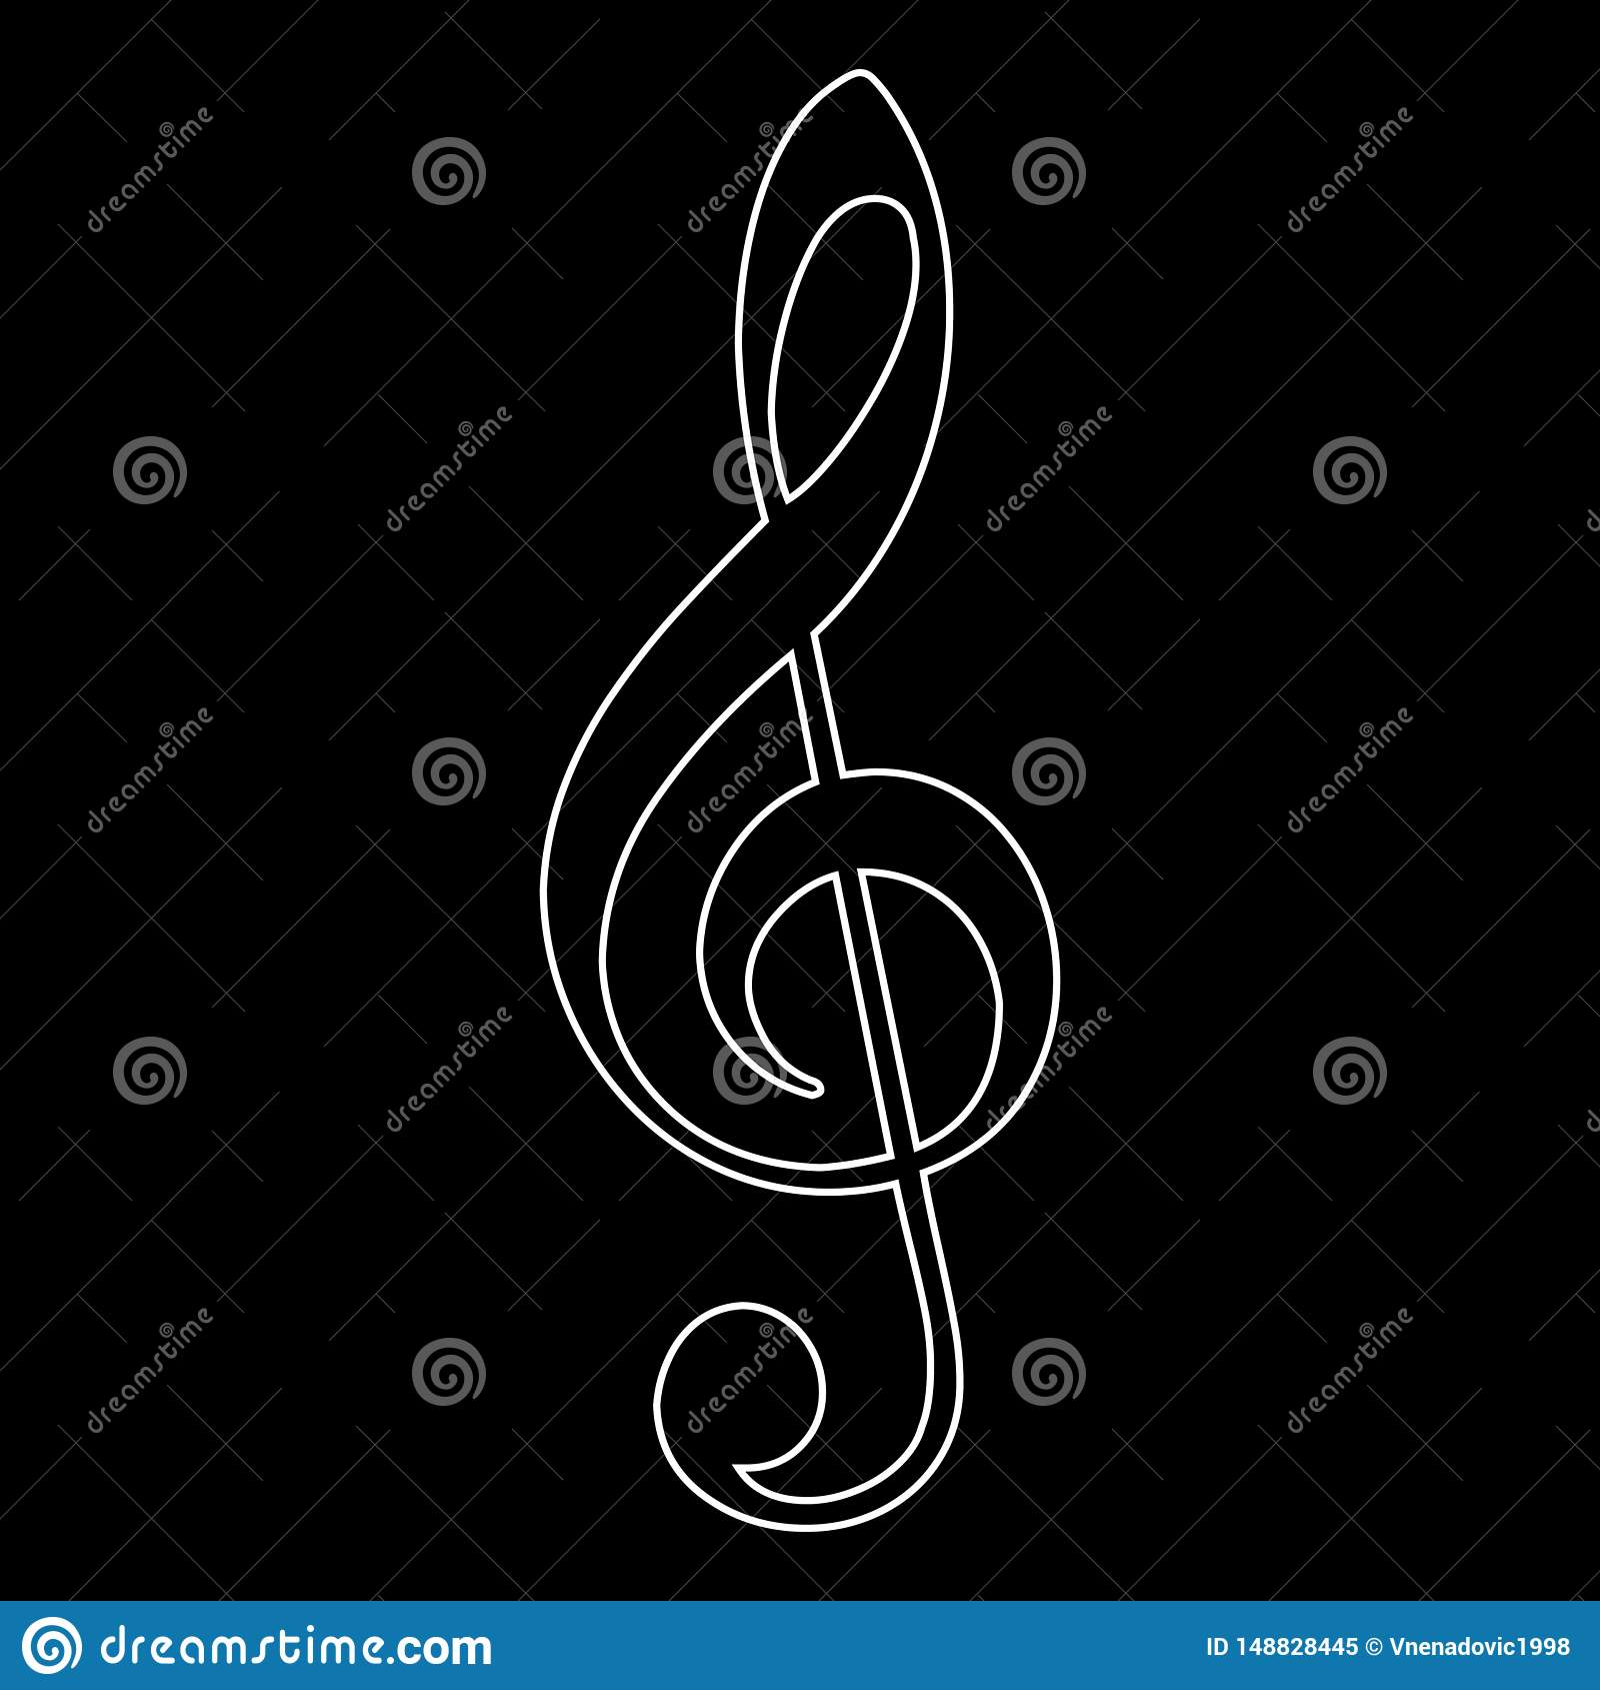 Treble clef ikona, muzyki notatka, wektorowa ilustracja